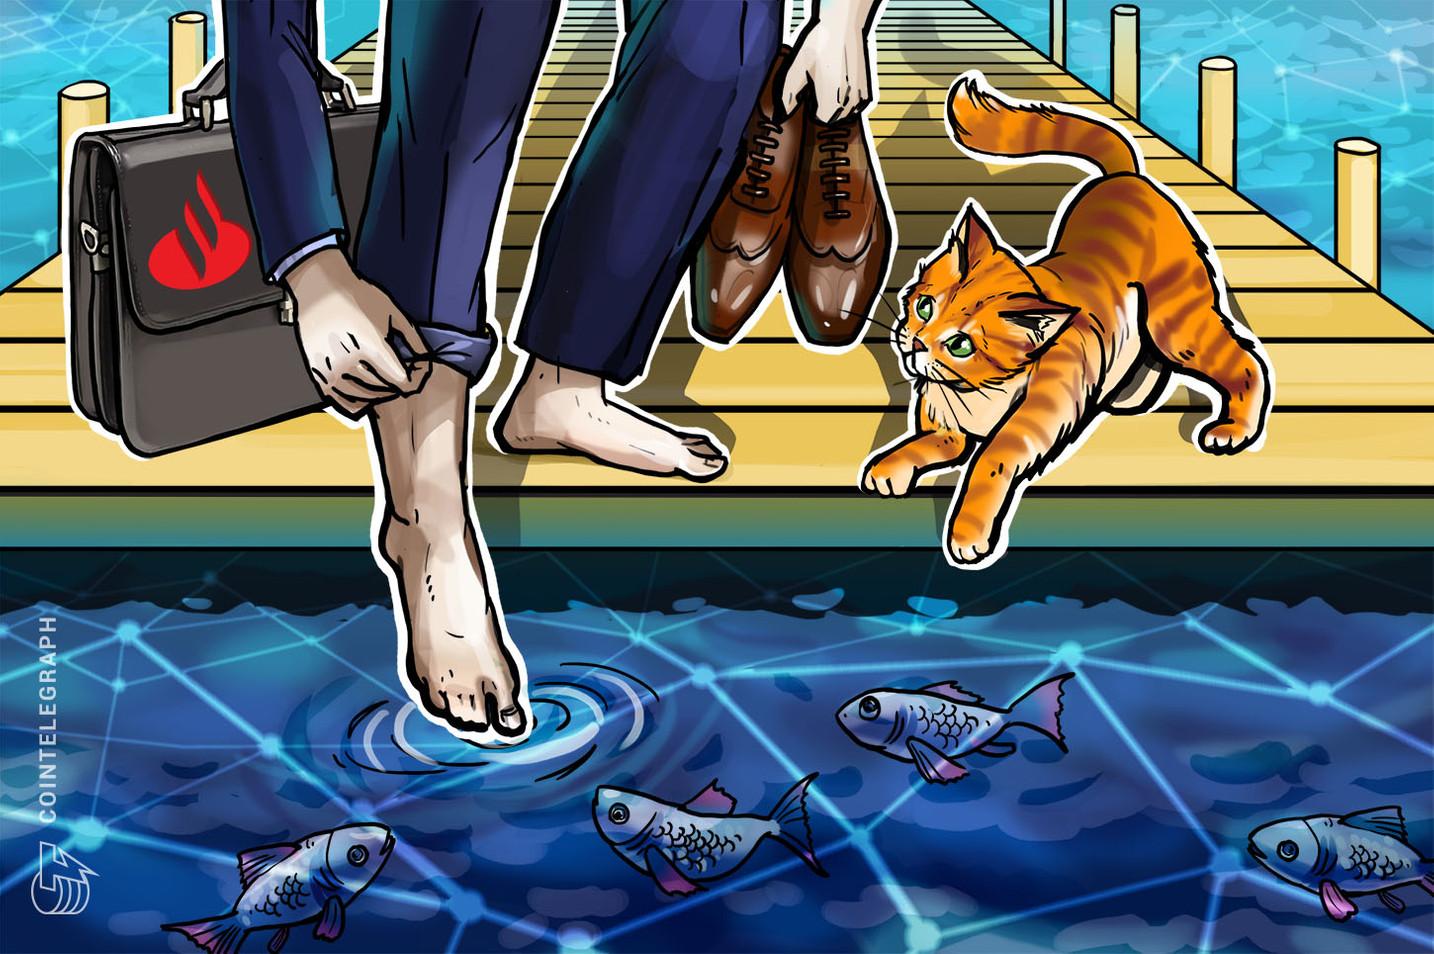 サンタンデール銀行、証券取引でのブロックチェーンの可能性を調査